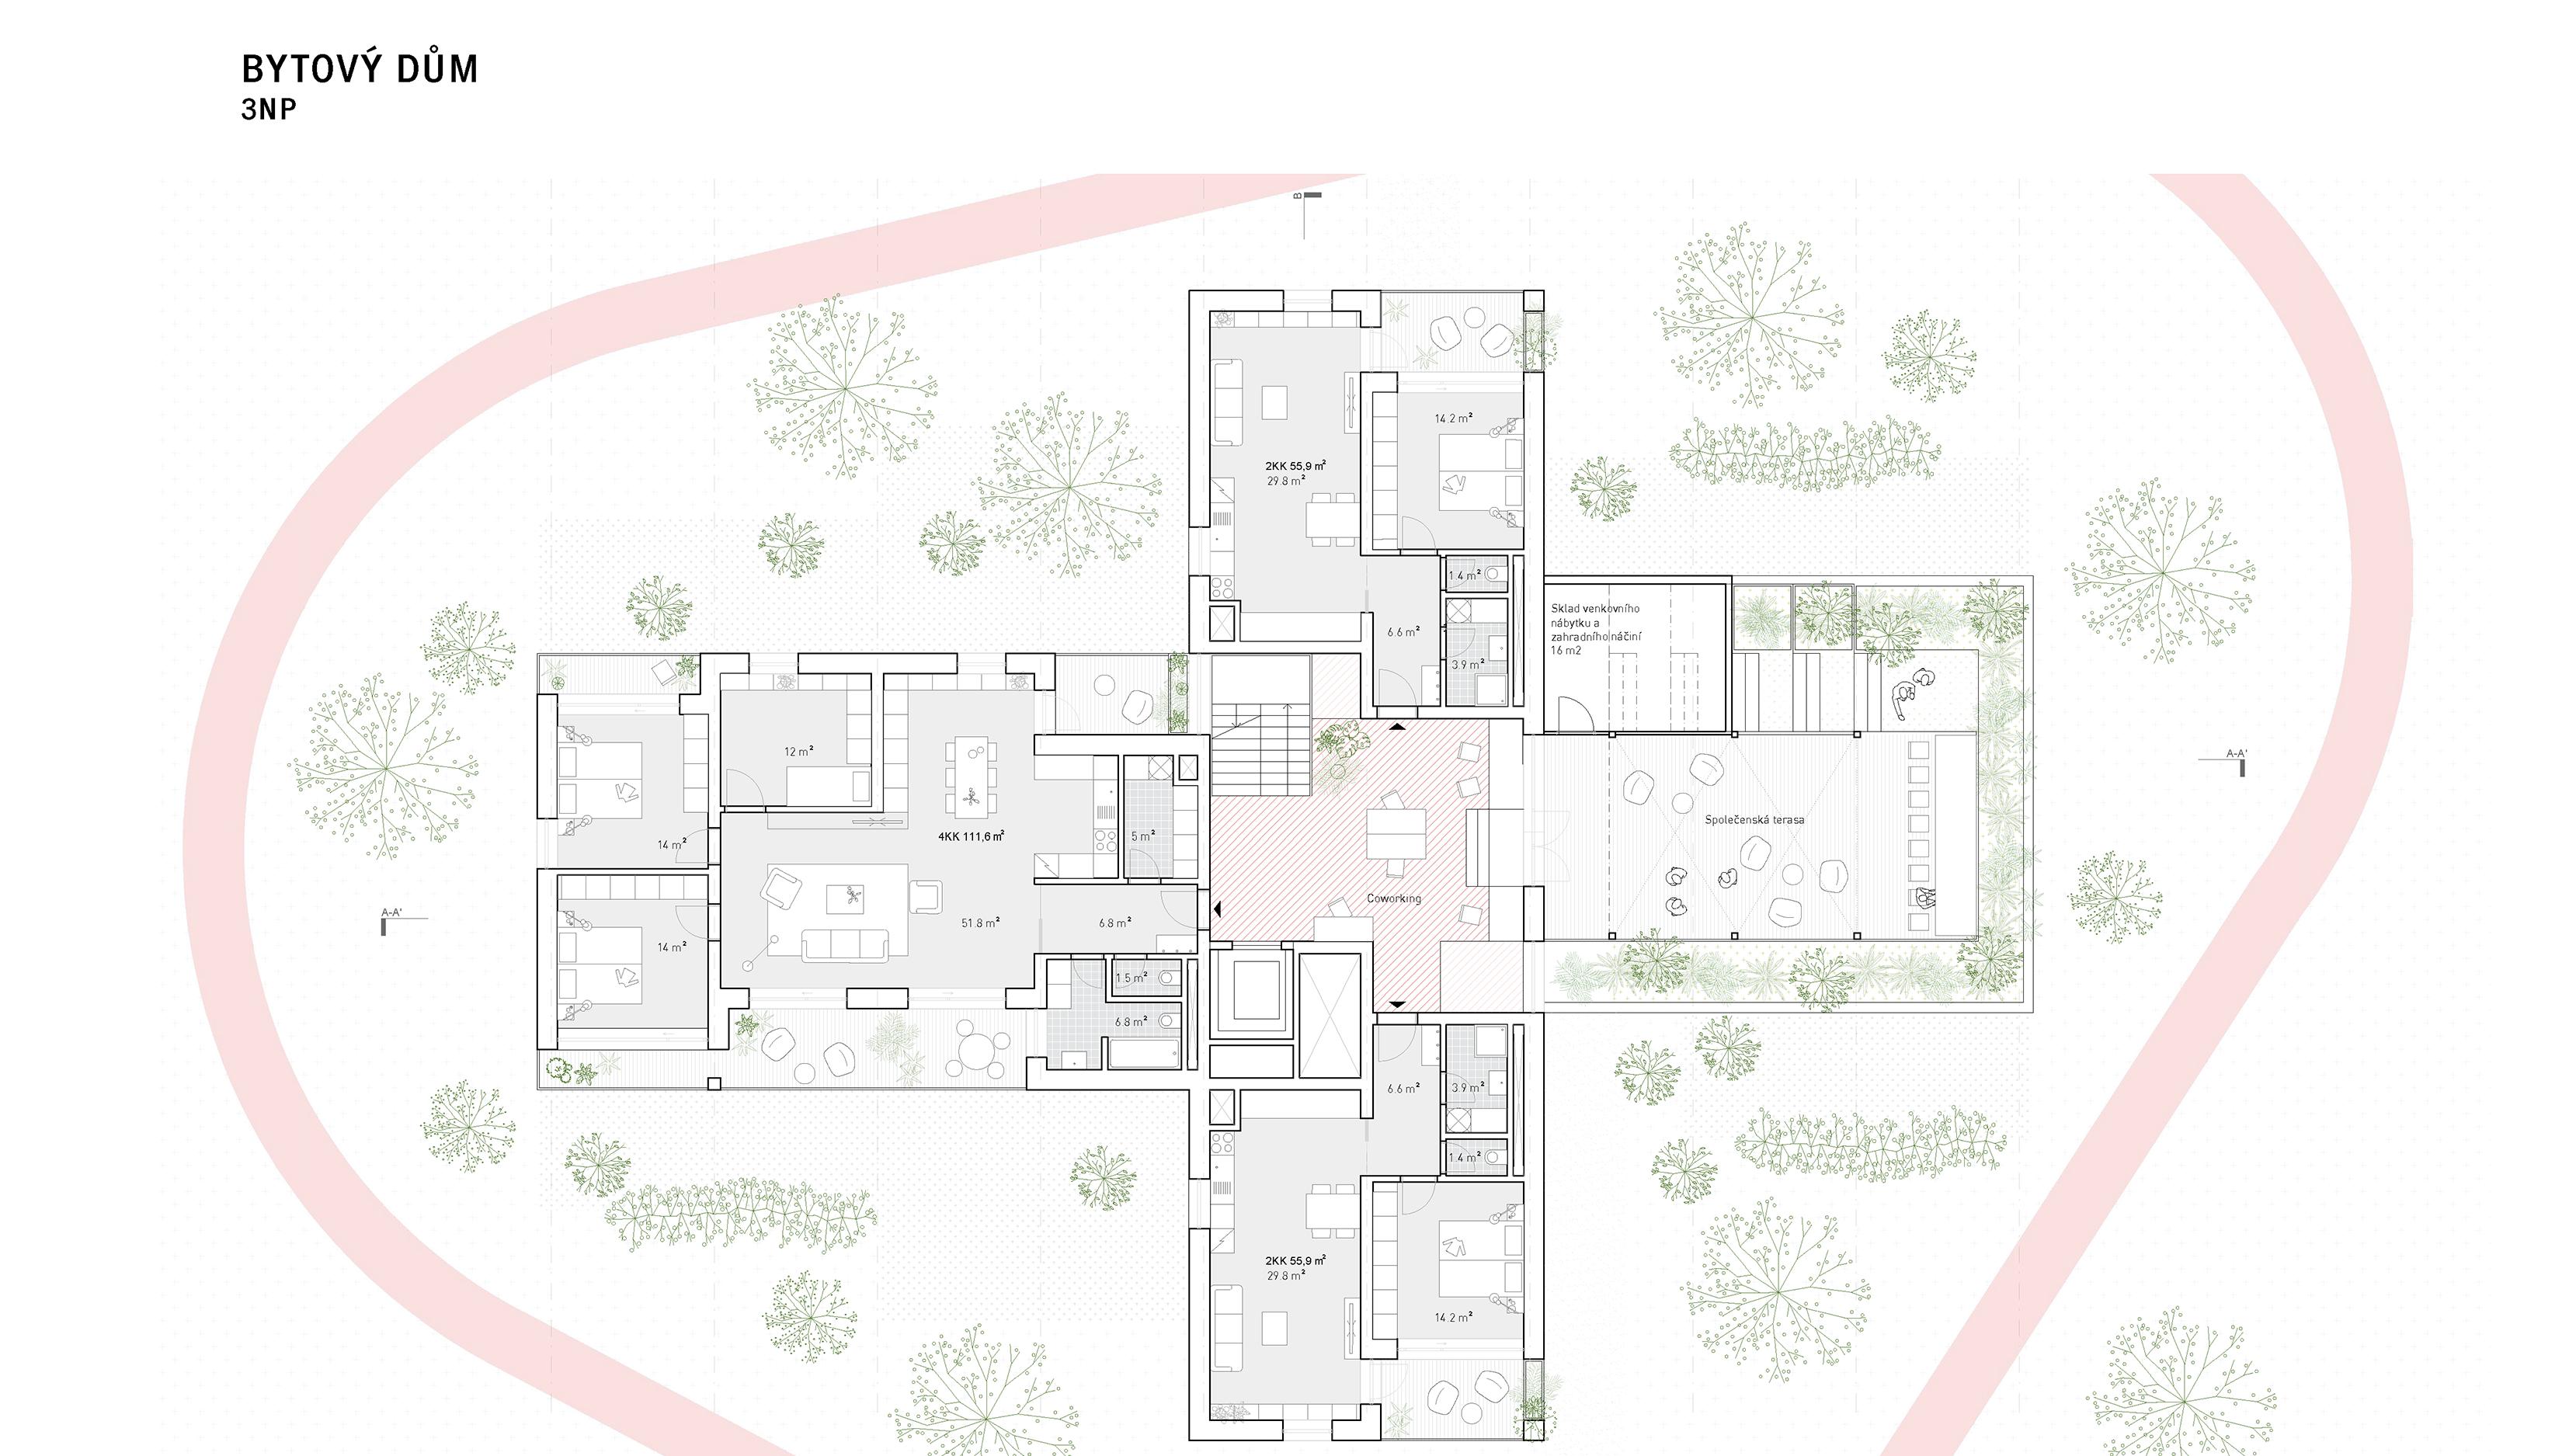 layout_case_0002_200605_Zdrave-domy_chkau_Page_75